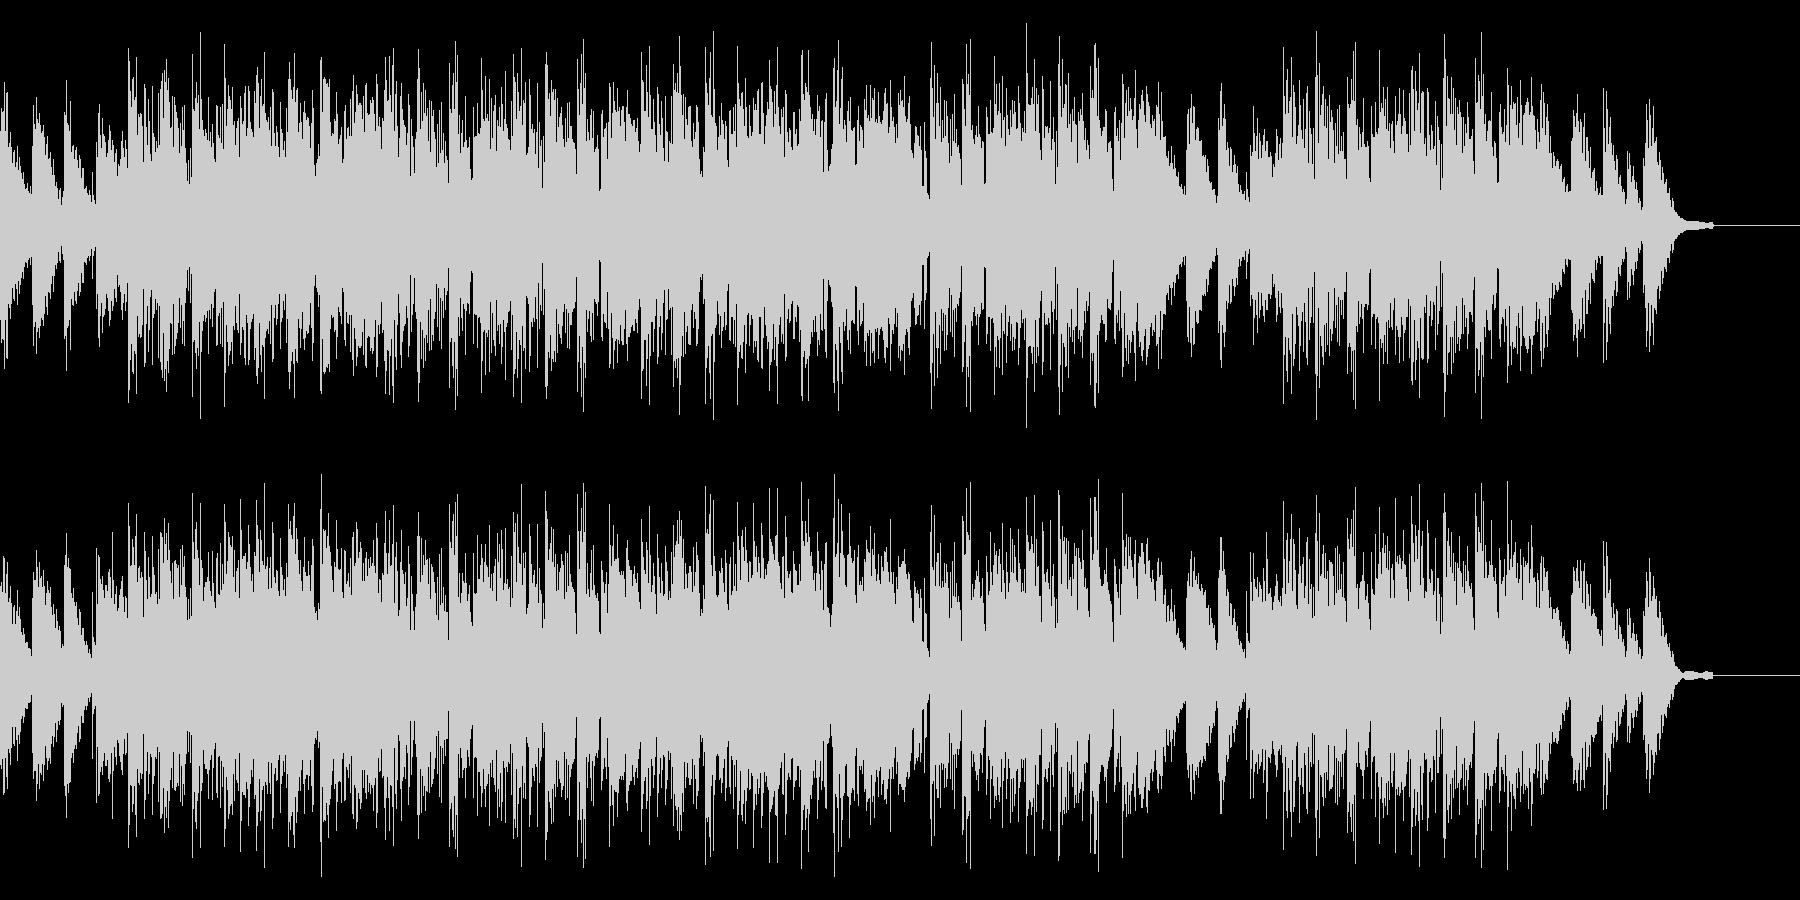 エンディング感のある切ないヒップホップの未再生の波形